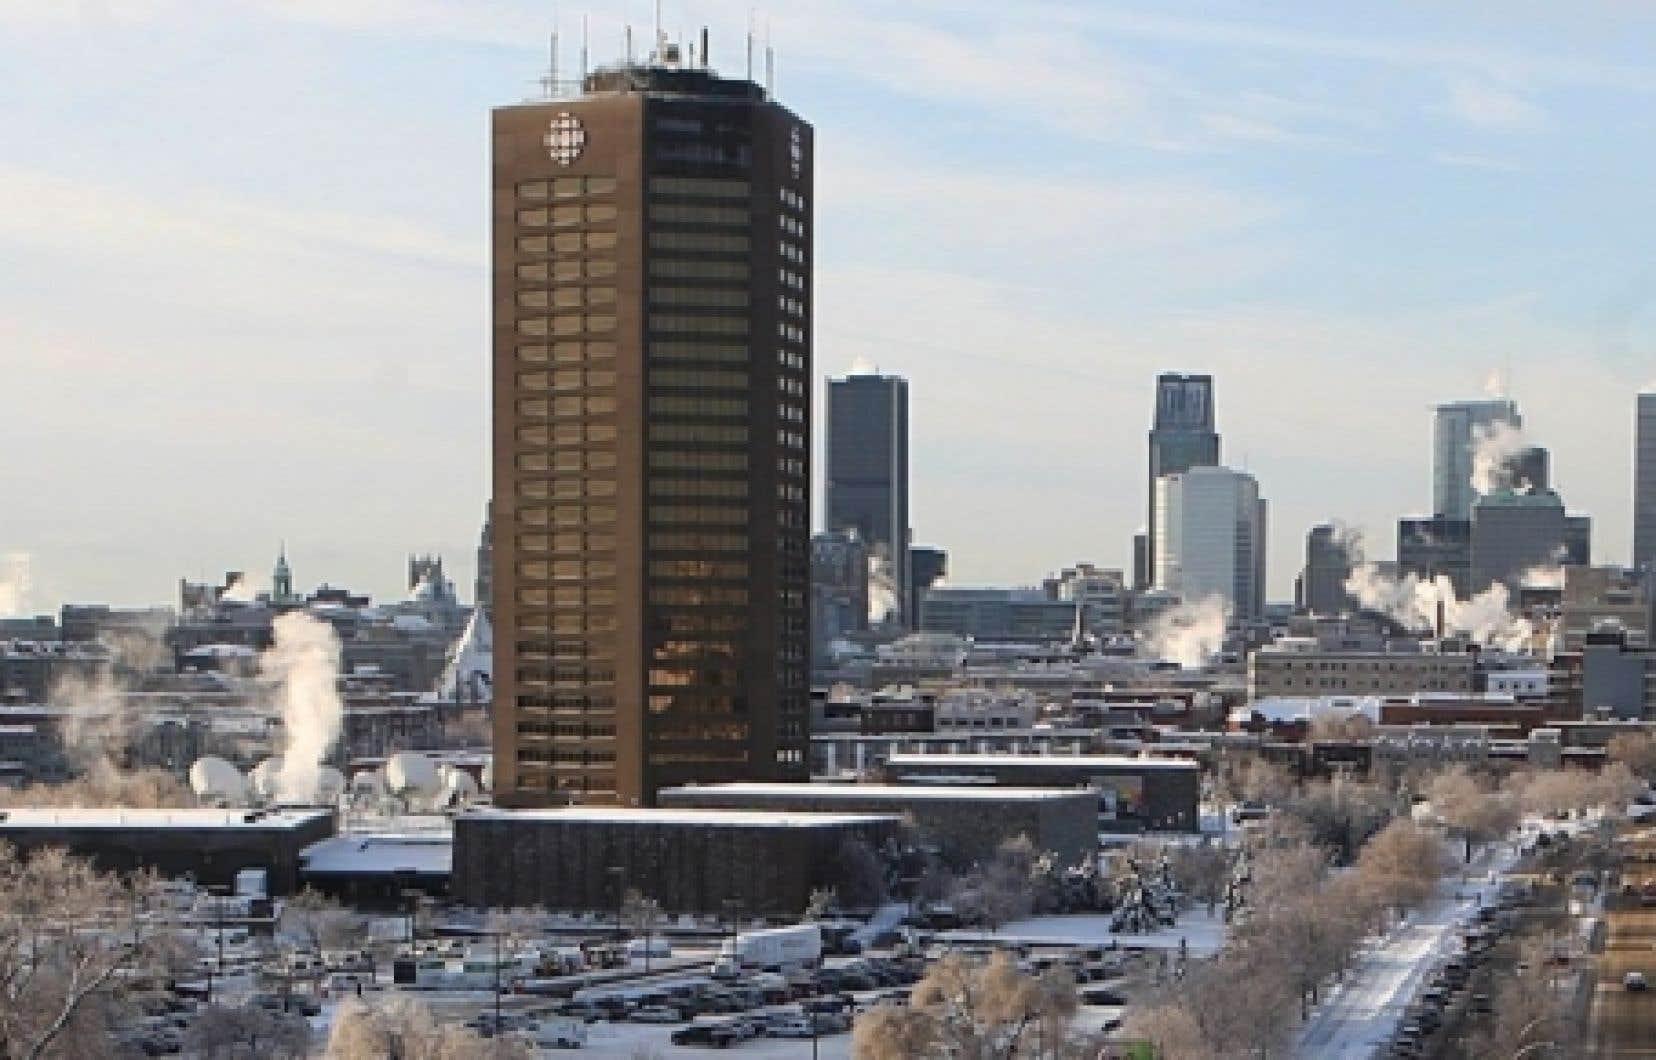 Entre 700 et 800 suppressions d'emploi sont à prévoir à Radio-Canada en raison des nouvelles compressions budgétaires.